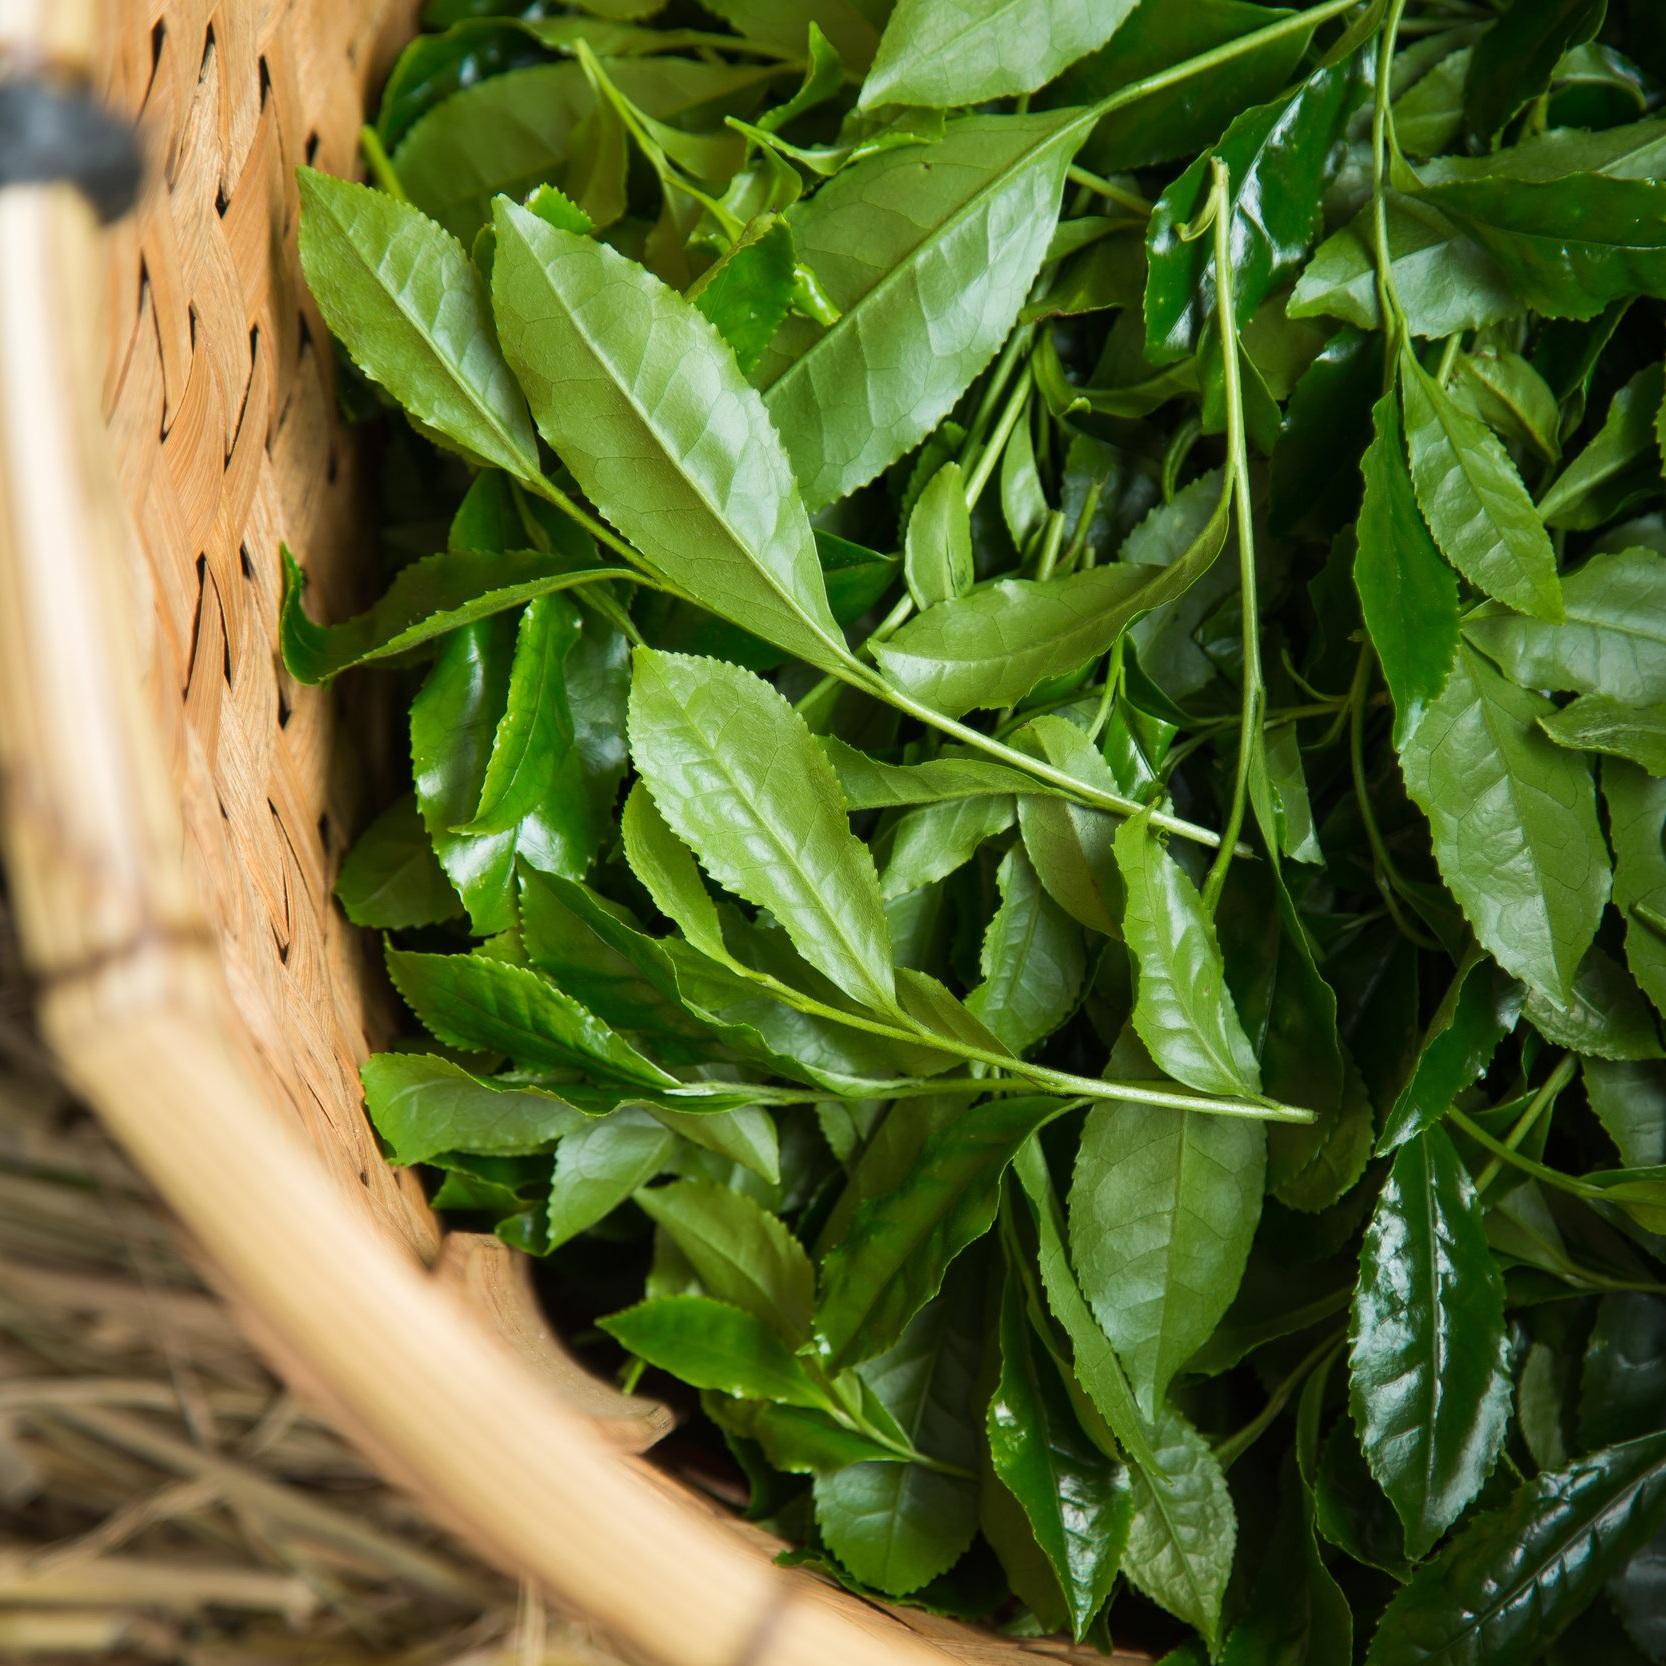 Matcha+tea+leaves+after+picking+up.jpg